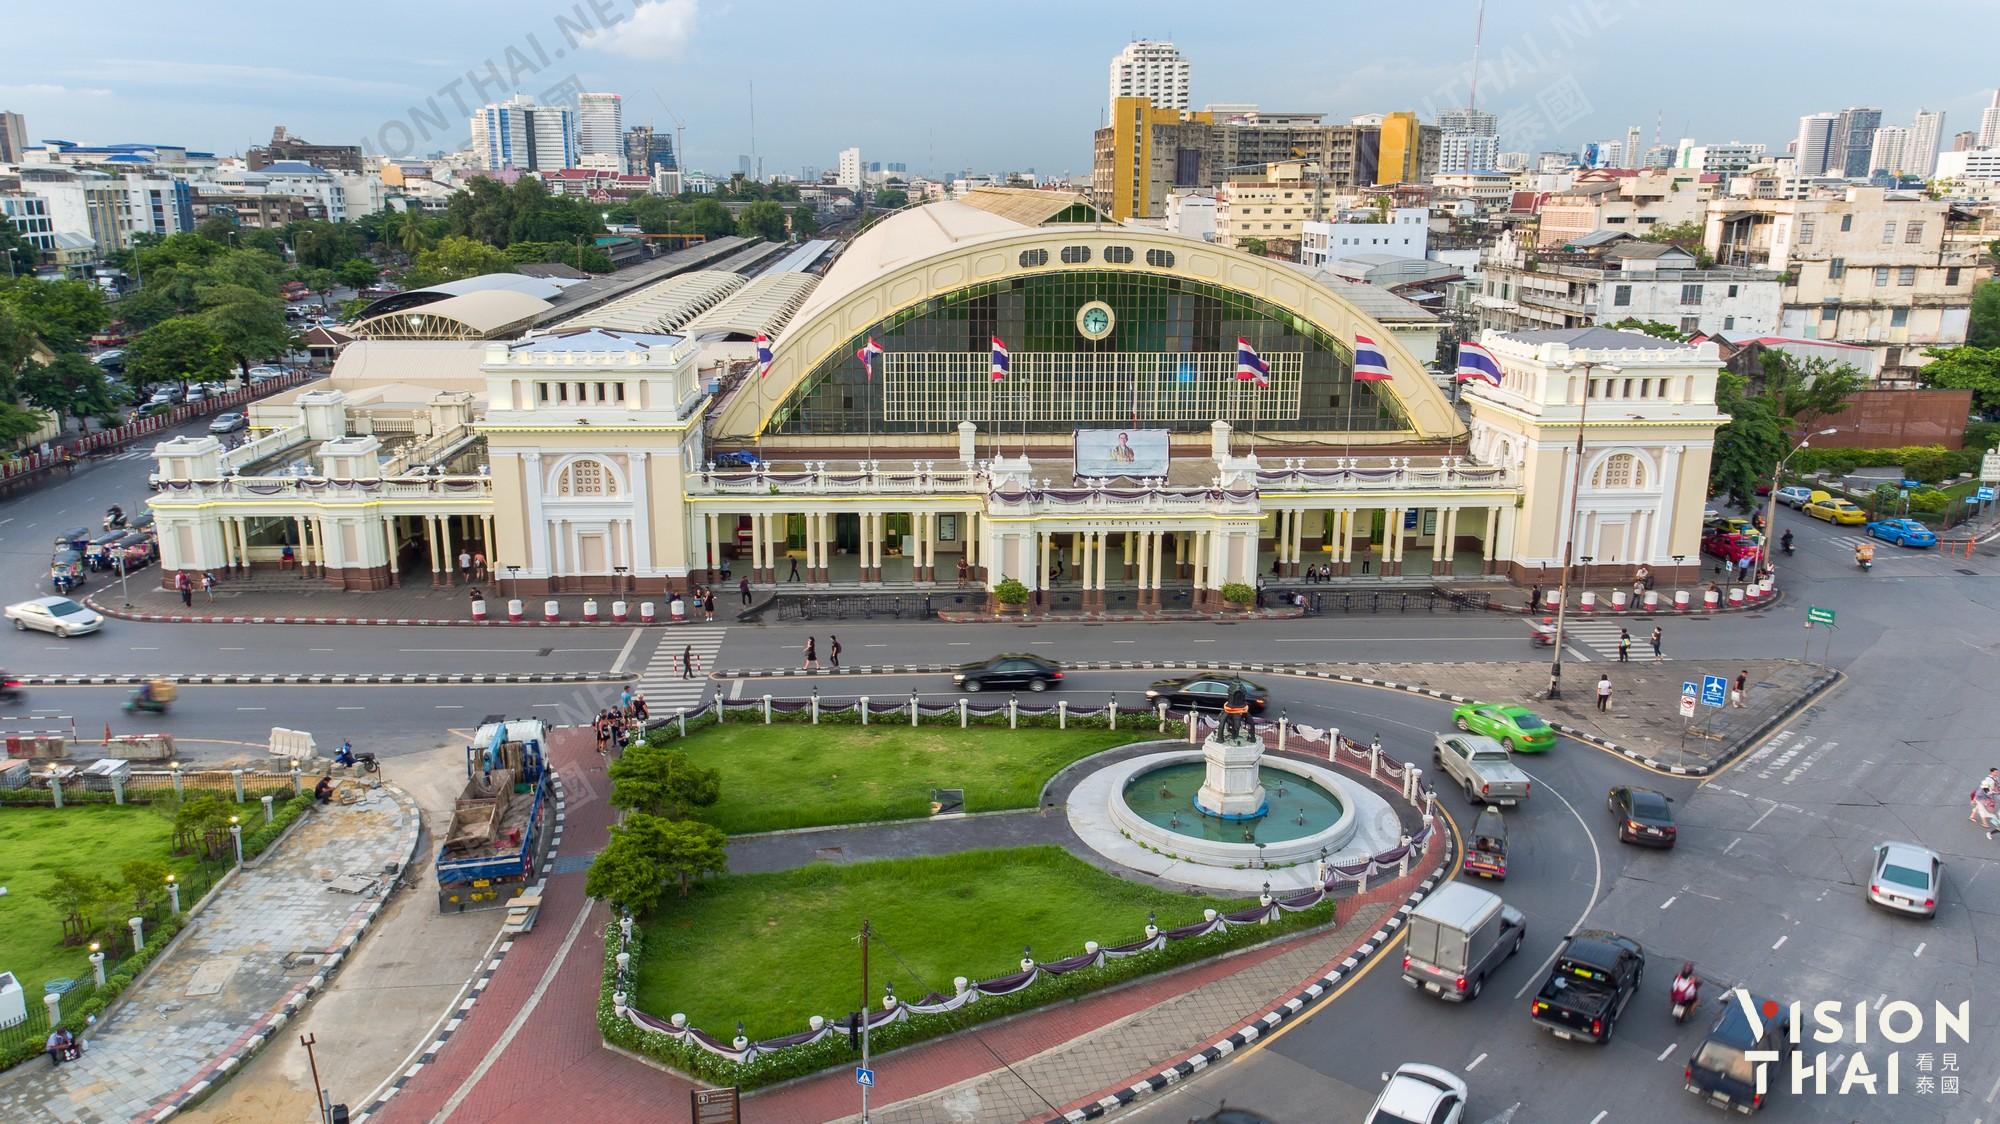 曼谷火車站華藍蓬服務逾百年 11月關站改作泰國鐵道博物館(圖片:VISION THAI 看見泰國)